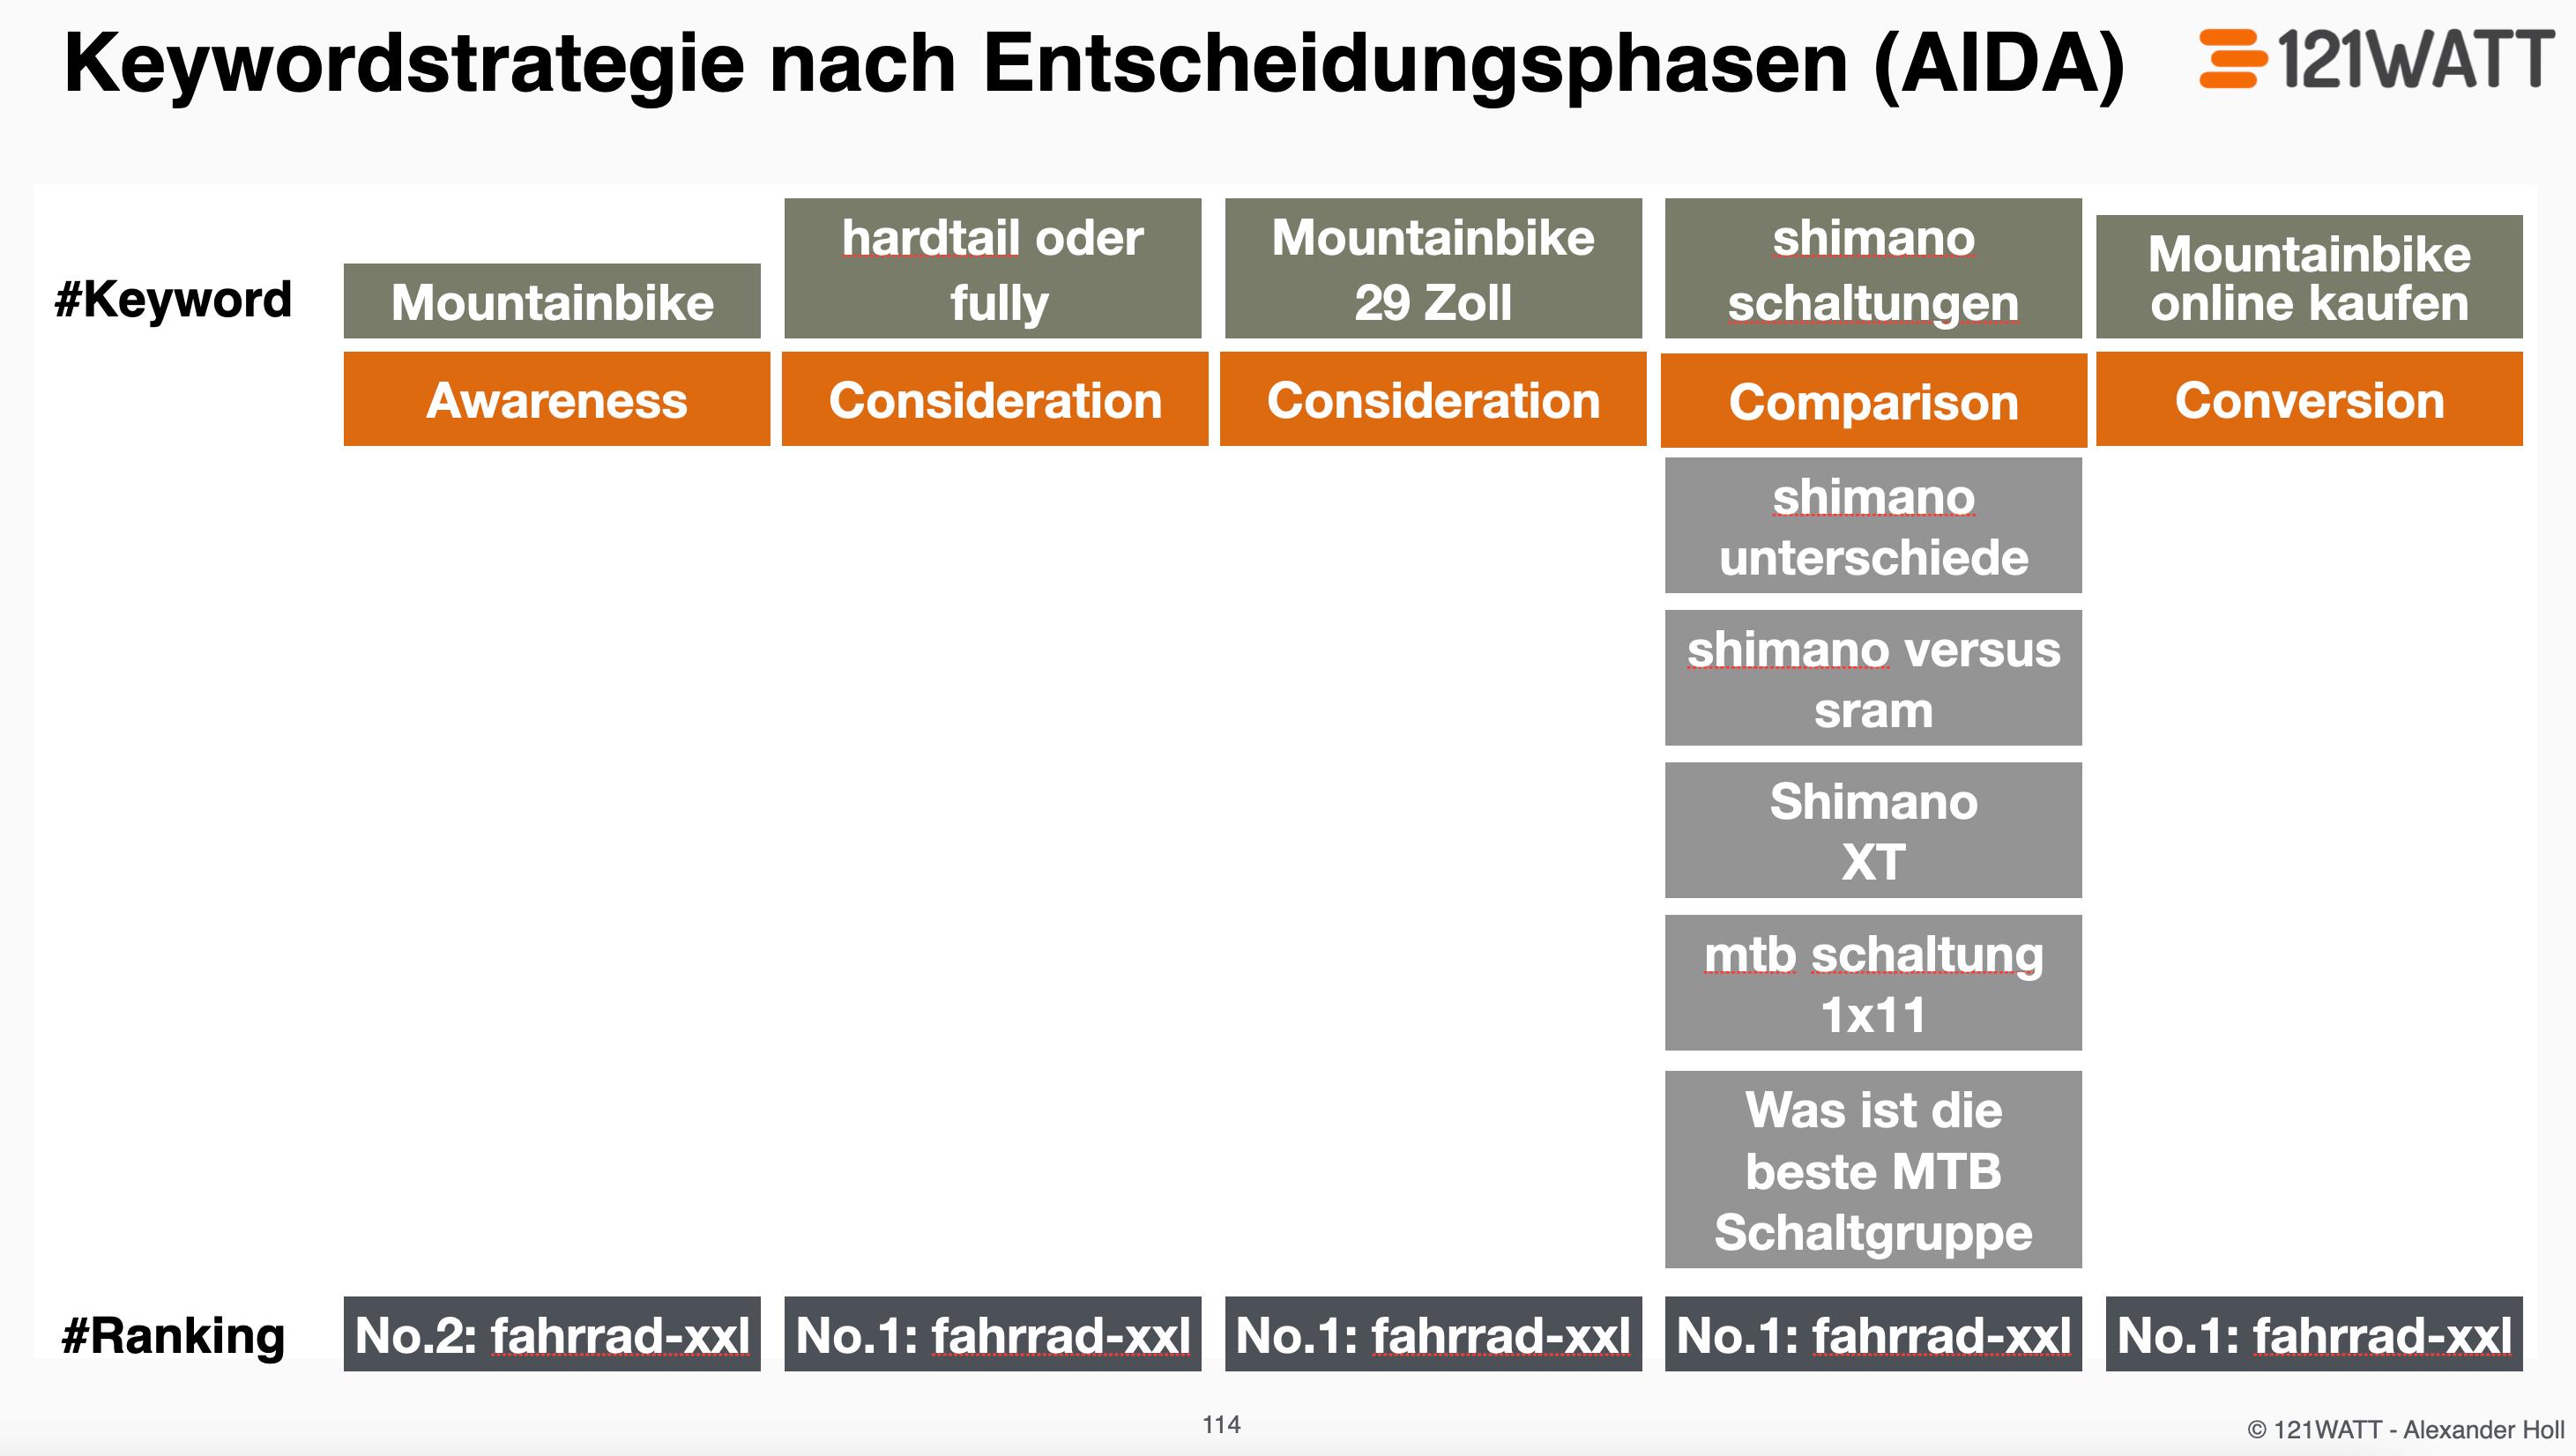 Strategische Keyword-Analyse in der Suchmaschinenoptimierung nach AIDA